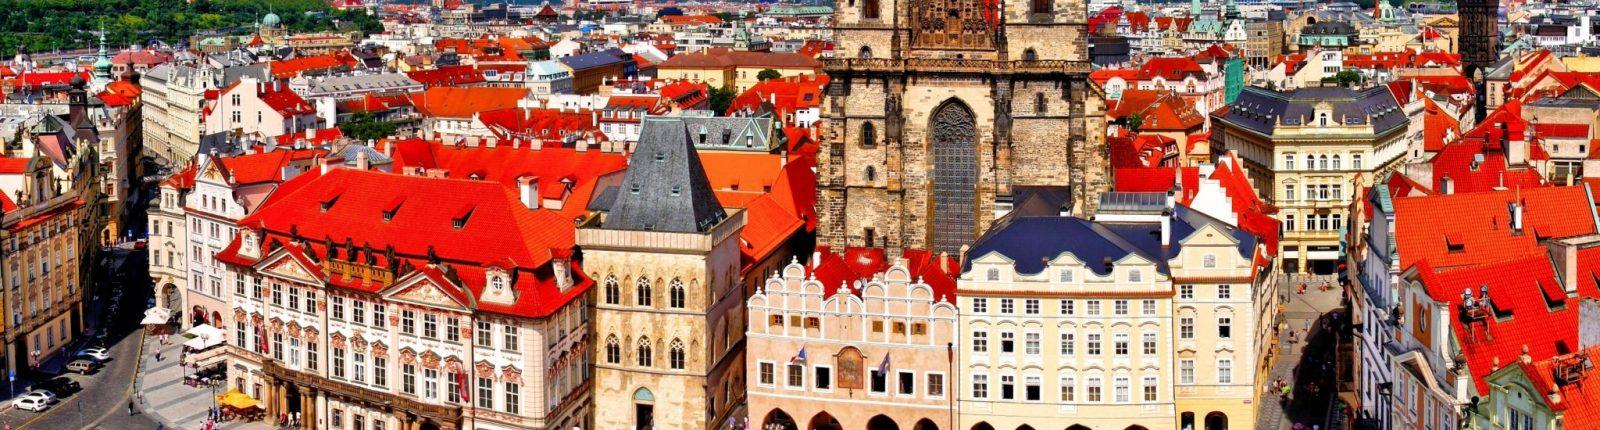 Prague (16-19 Juin 2018)